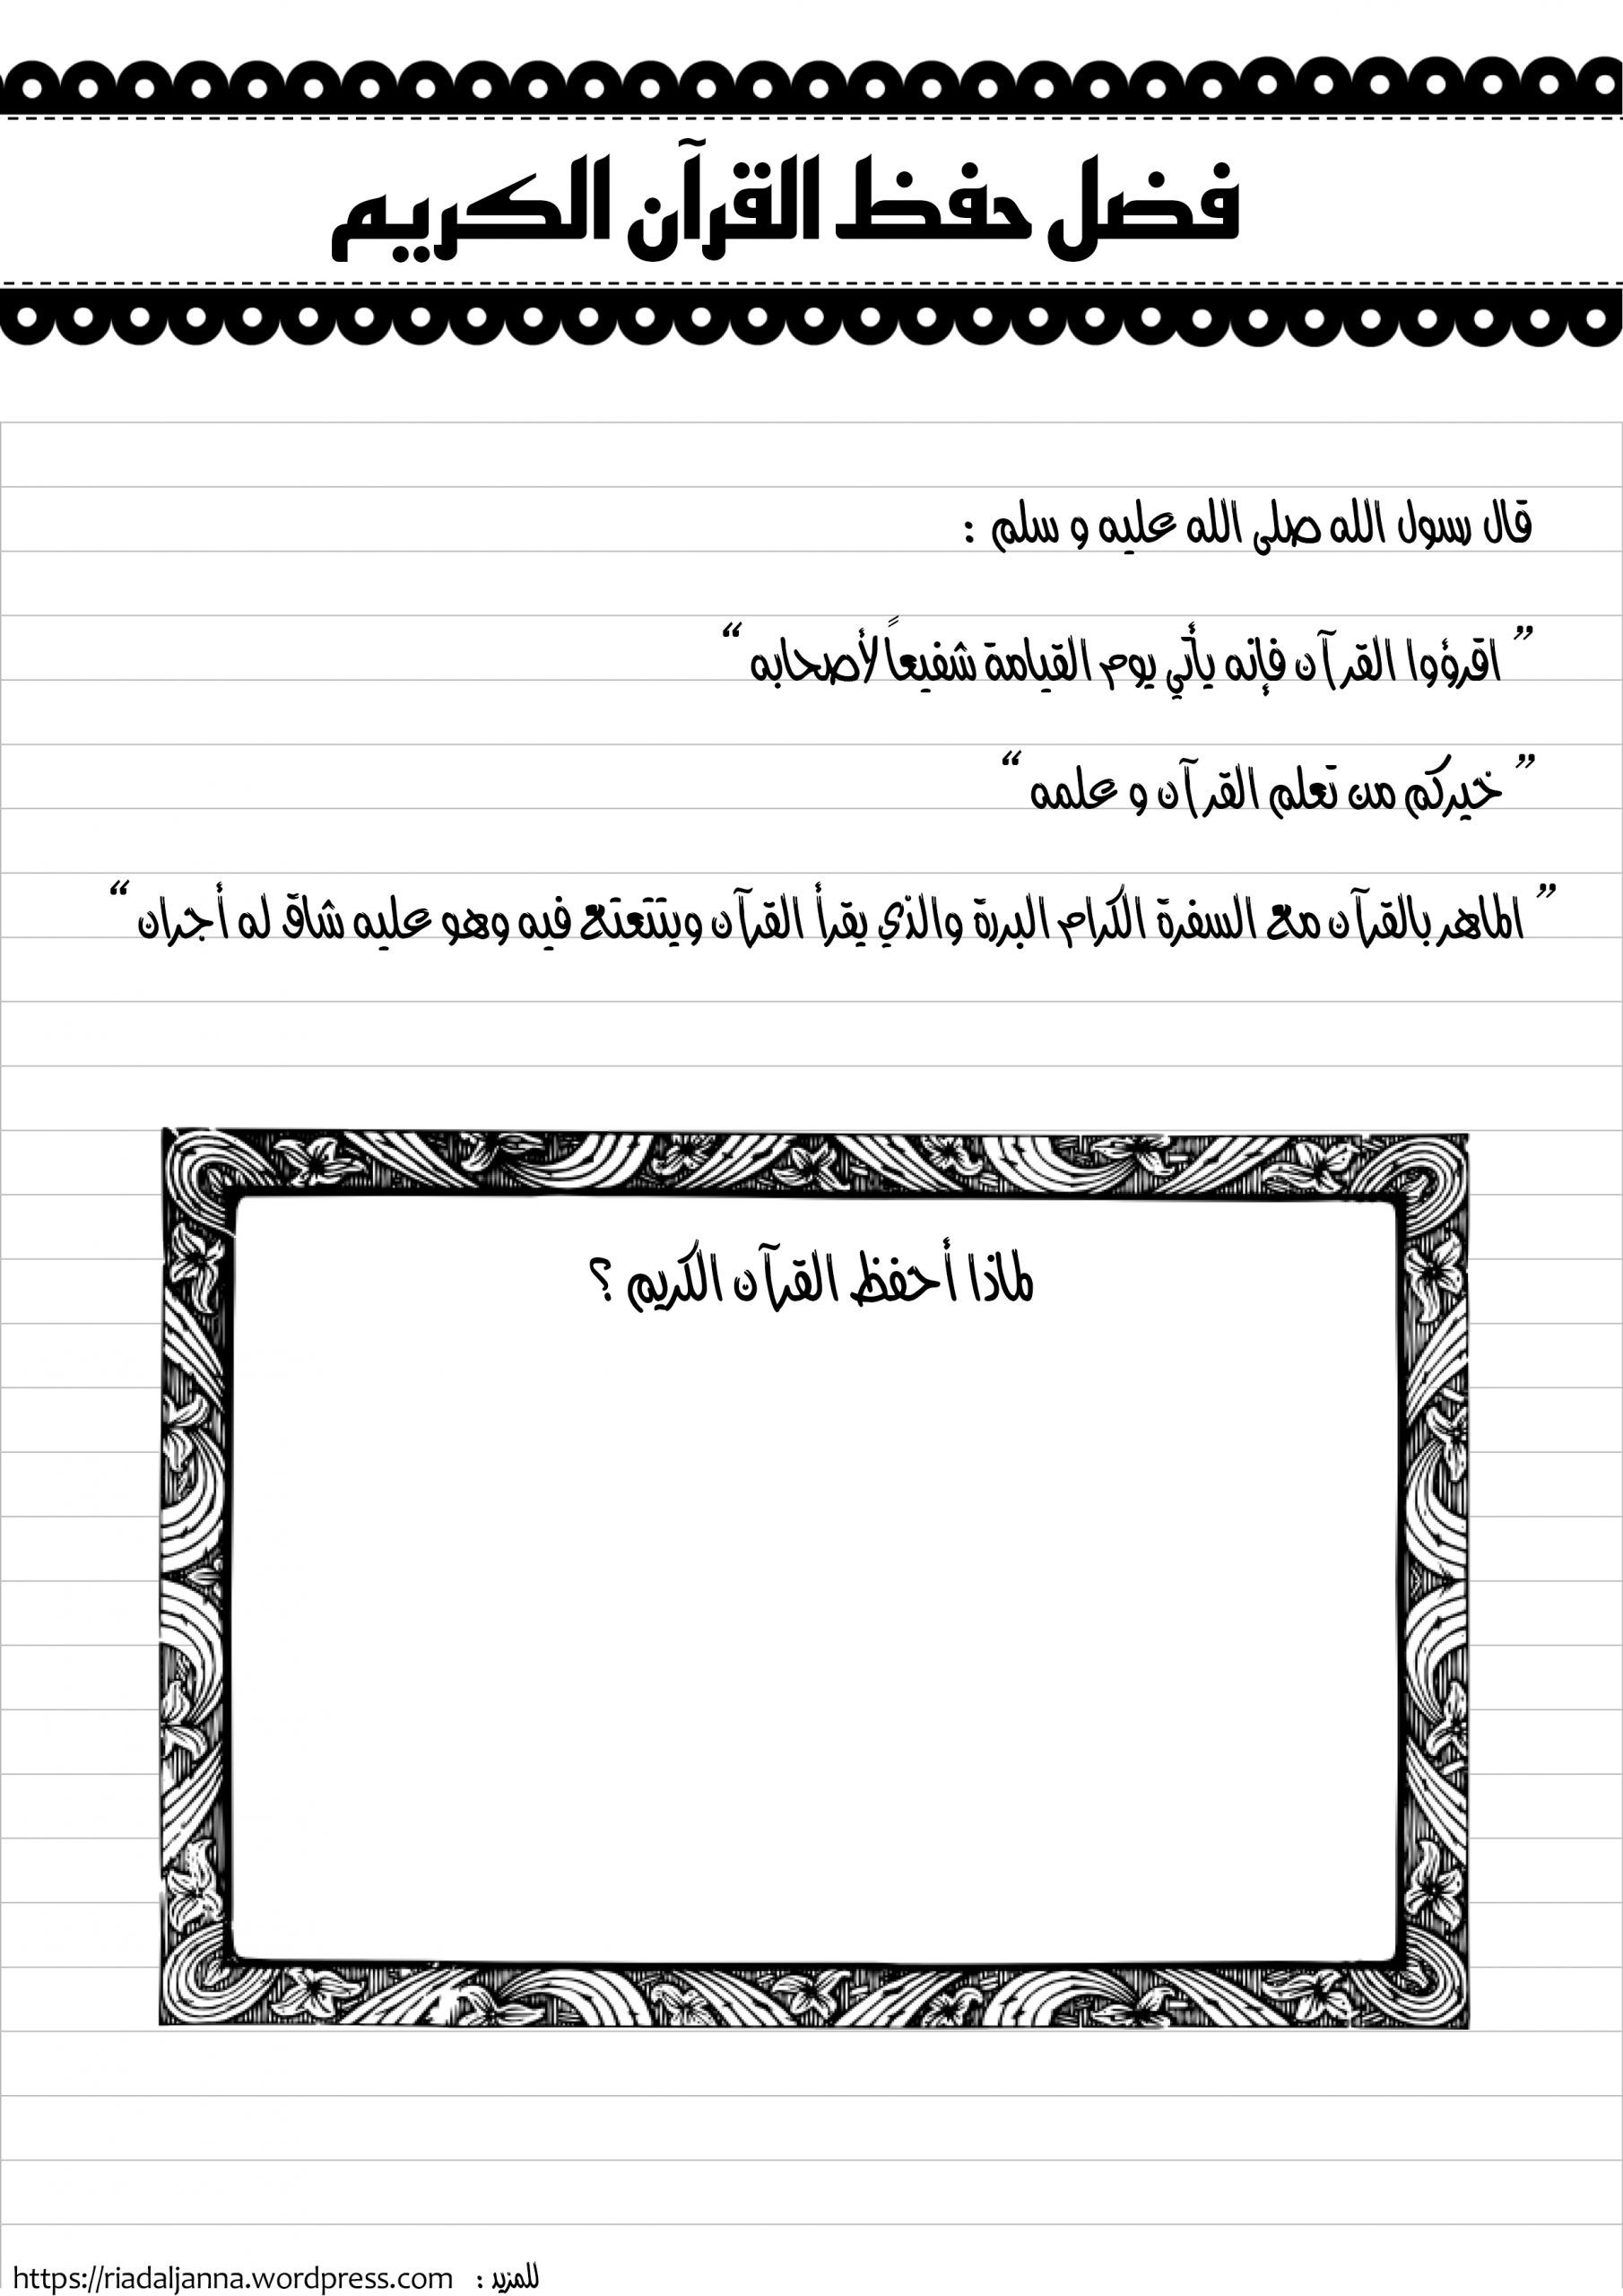 يوميات قرآنية دفتر لمتابعة حفظ القرآن الكريم رياض الجنة Muslim Kids Activities School Organization Muslim Kids